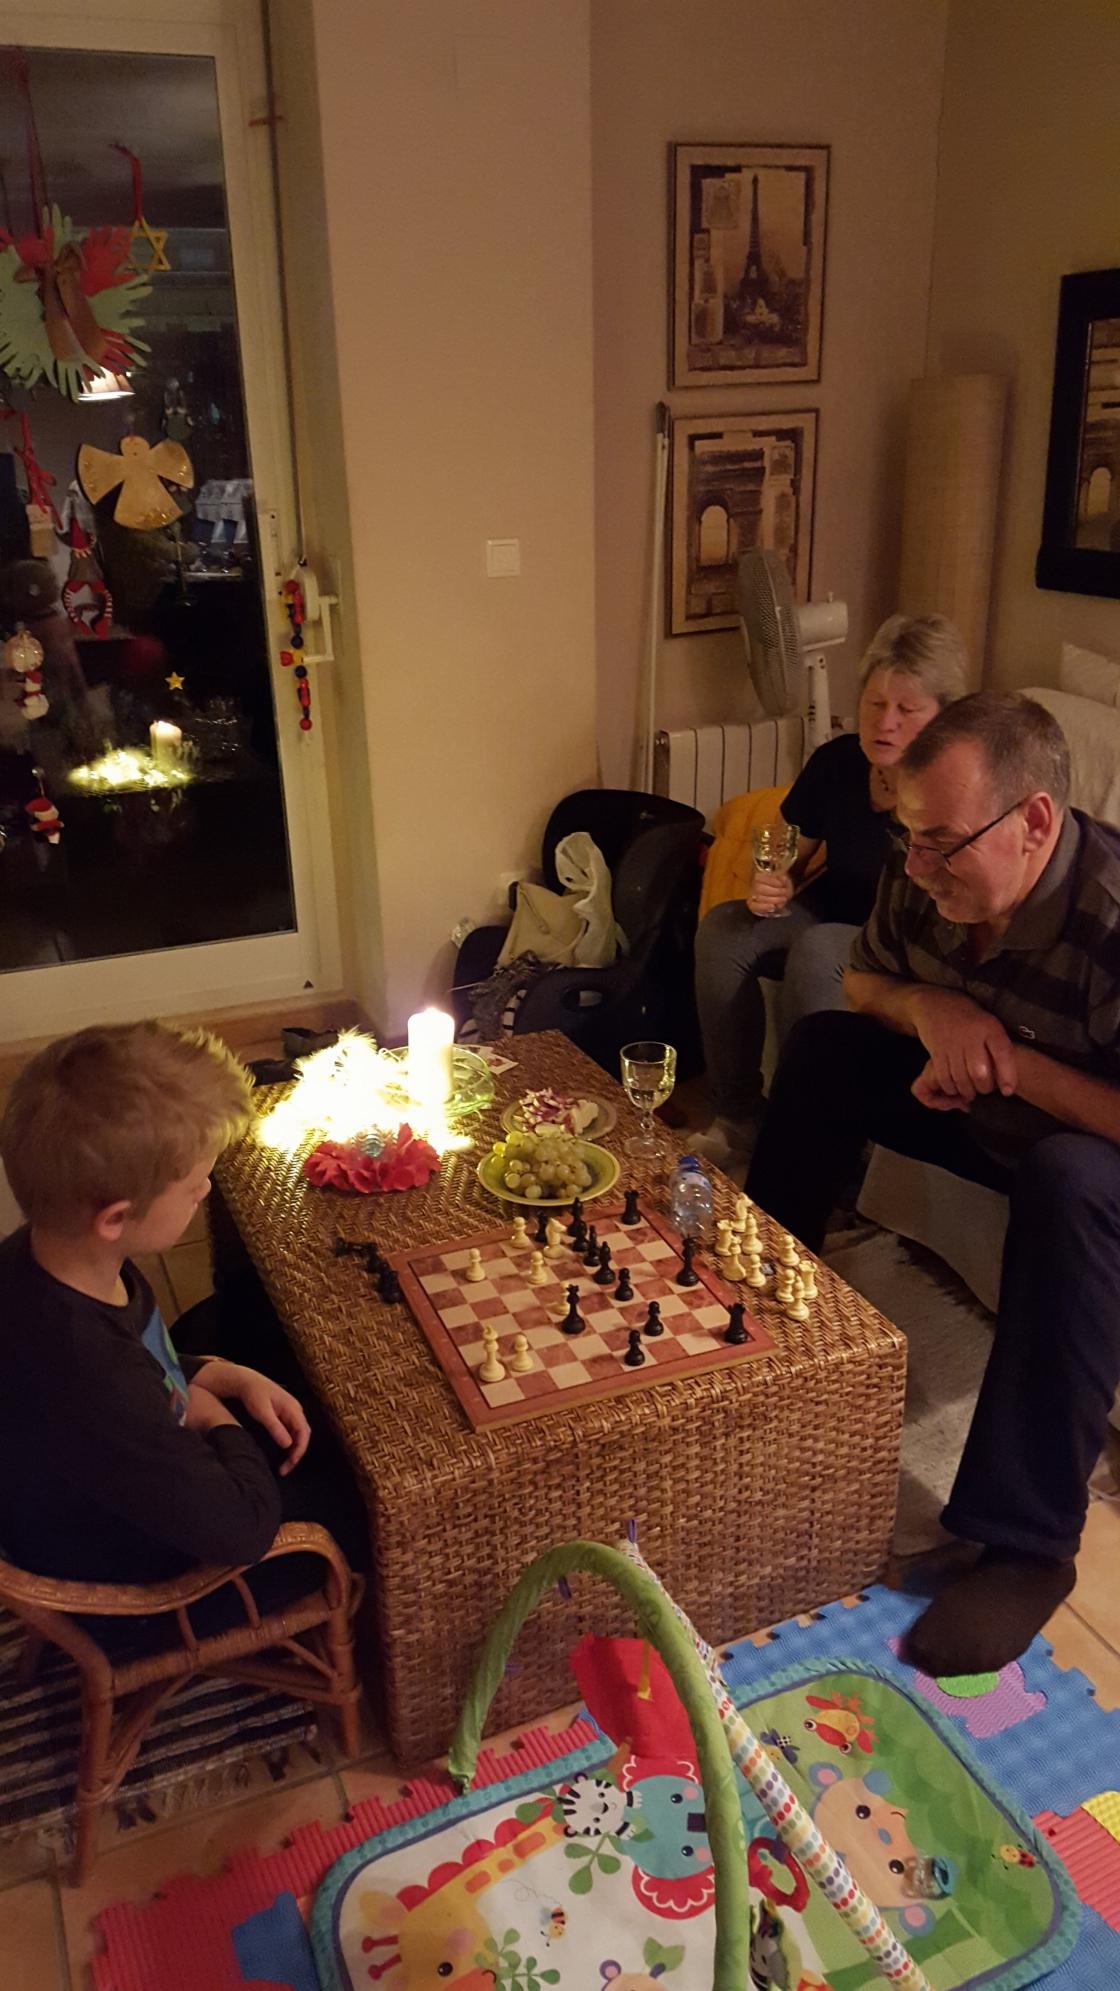 Partii vanaisa Arvo ja 8-aastase Juhan Markuse vahel